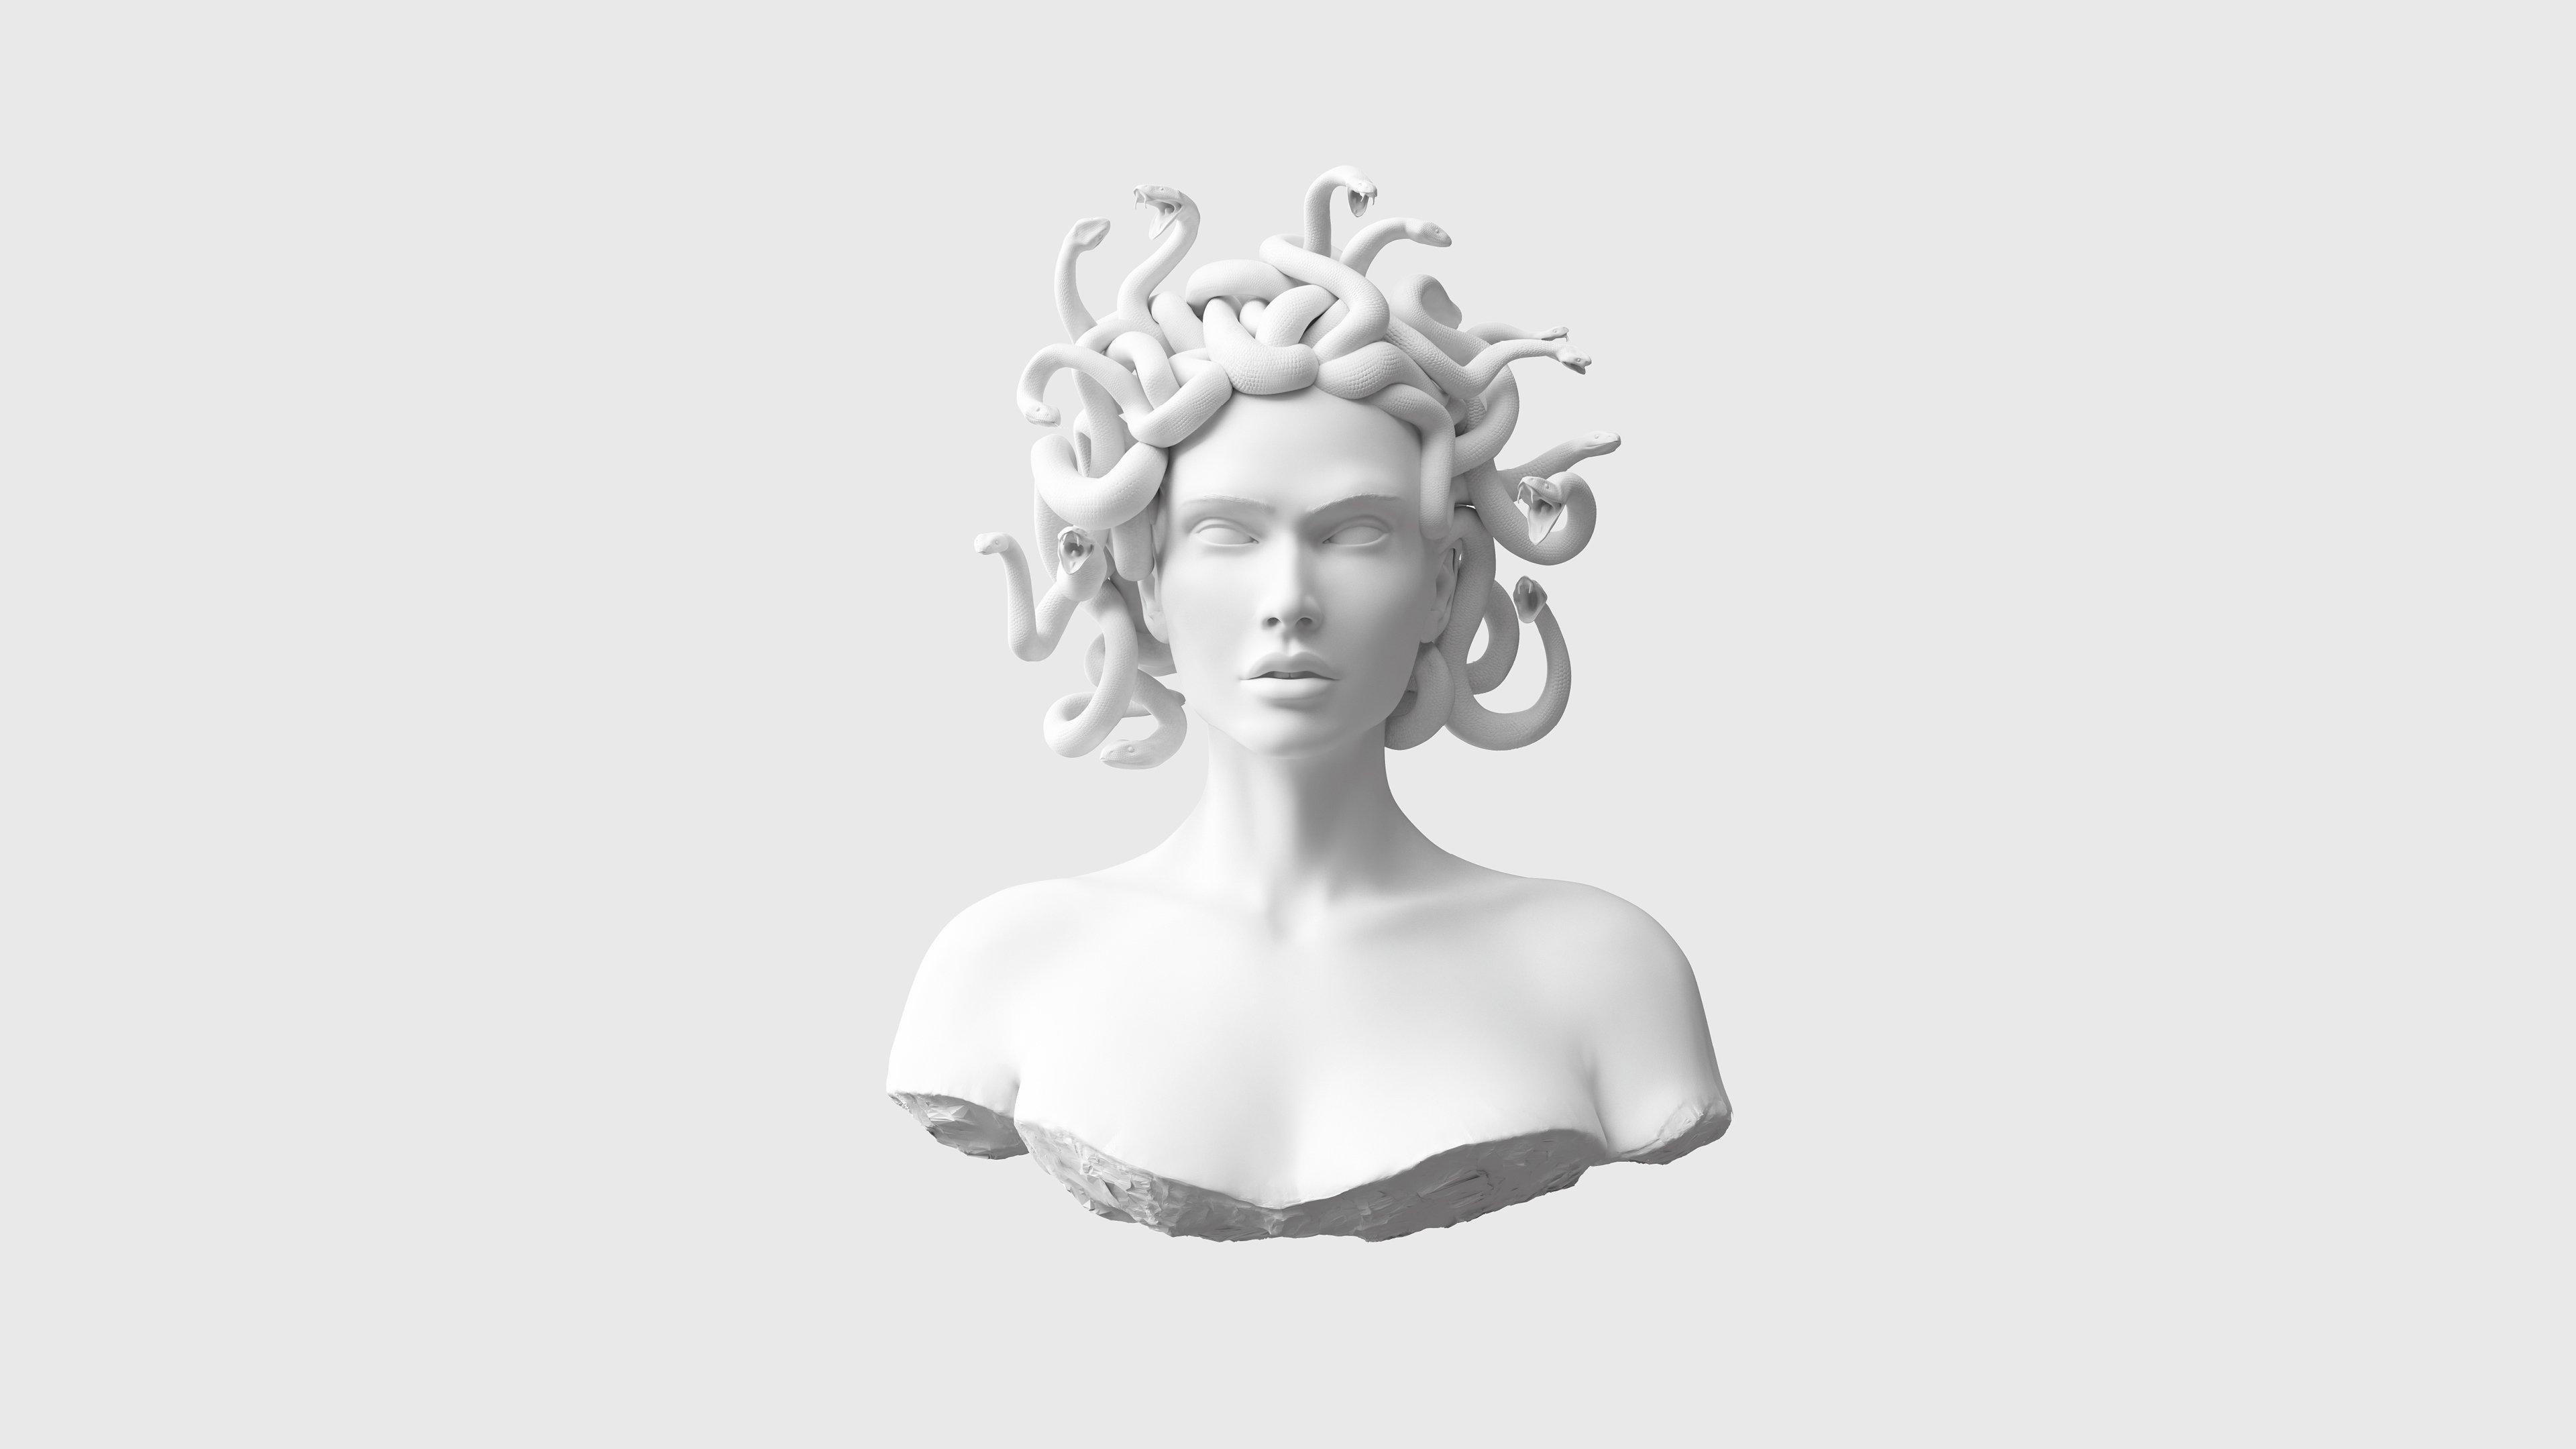 Medusa 4K wallpaper